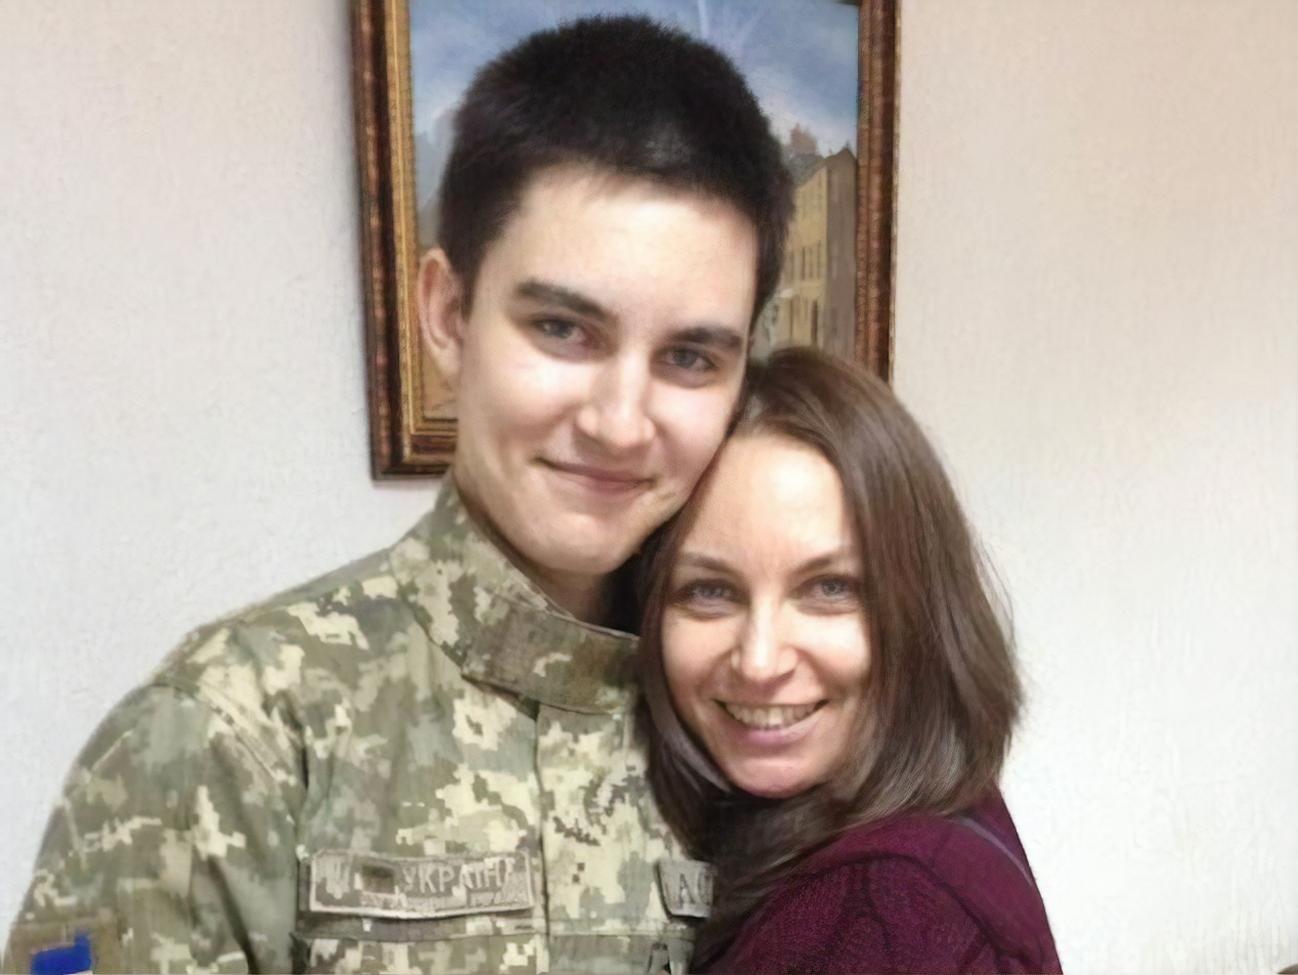 Віктор Павлік втратив сина: Паша помер від раку на 22-му році життя